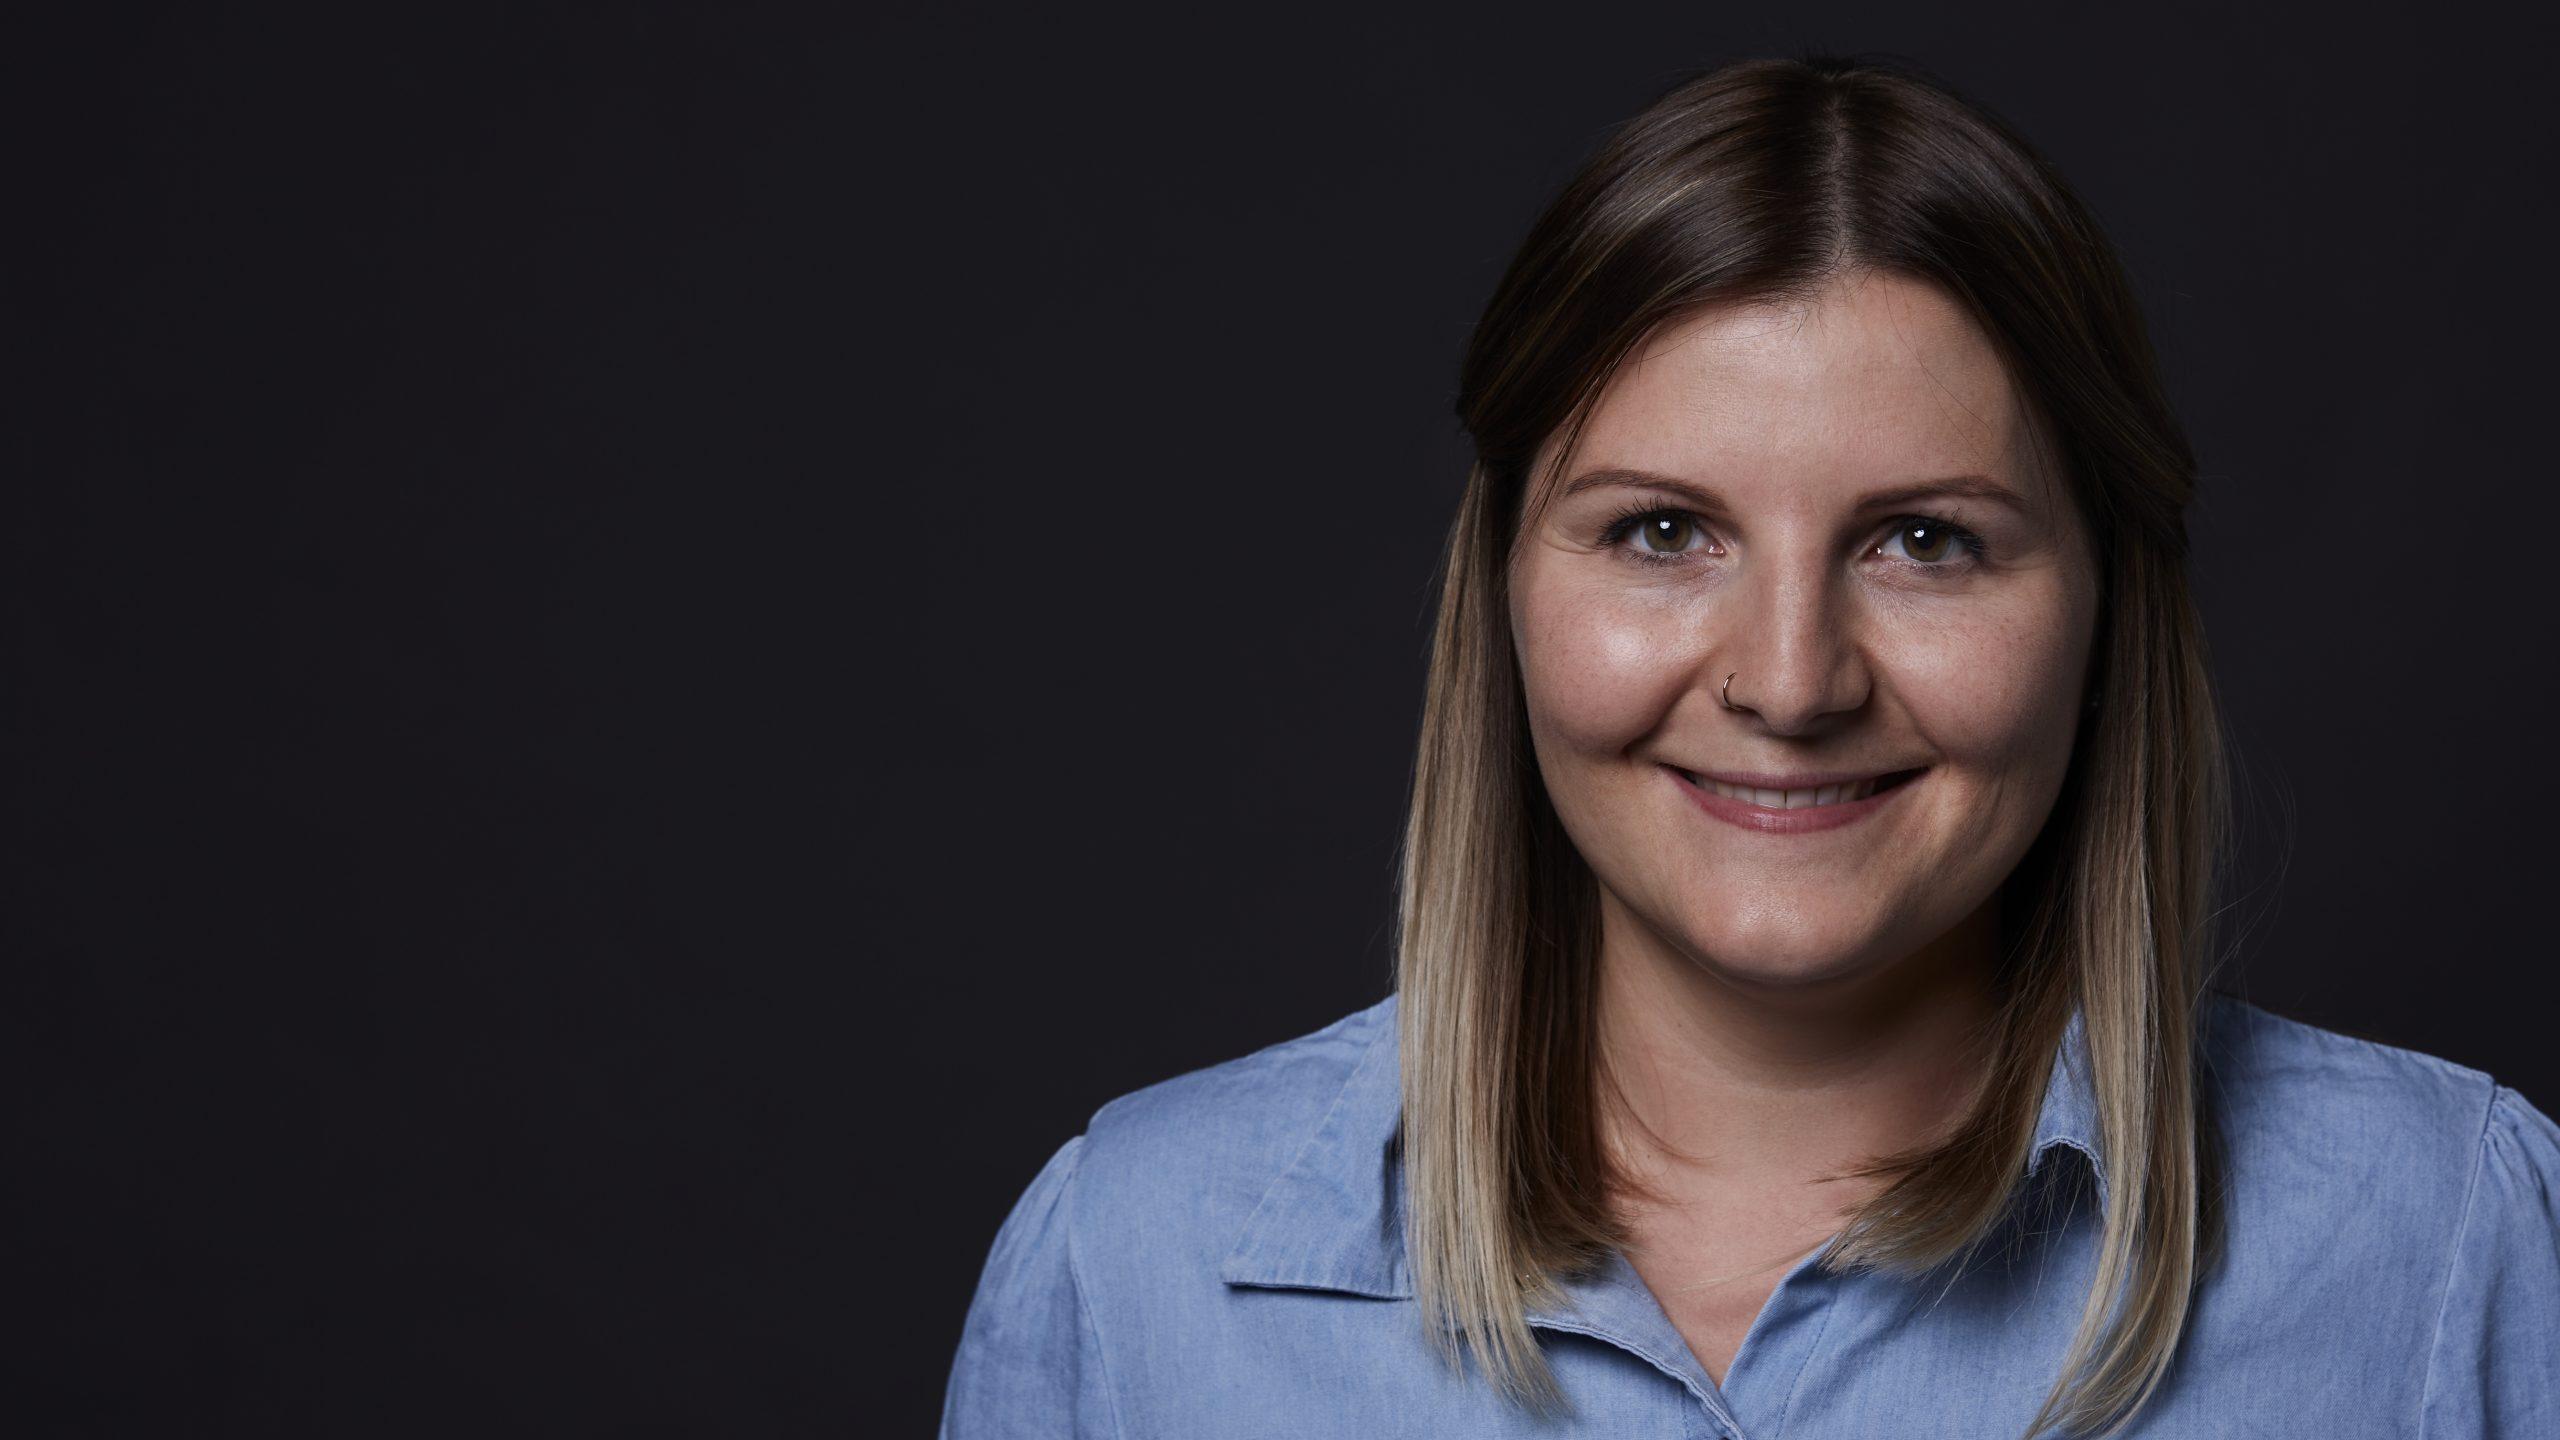 Sarah Zeintl